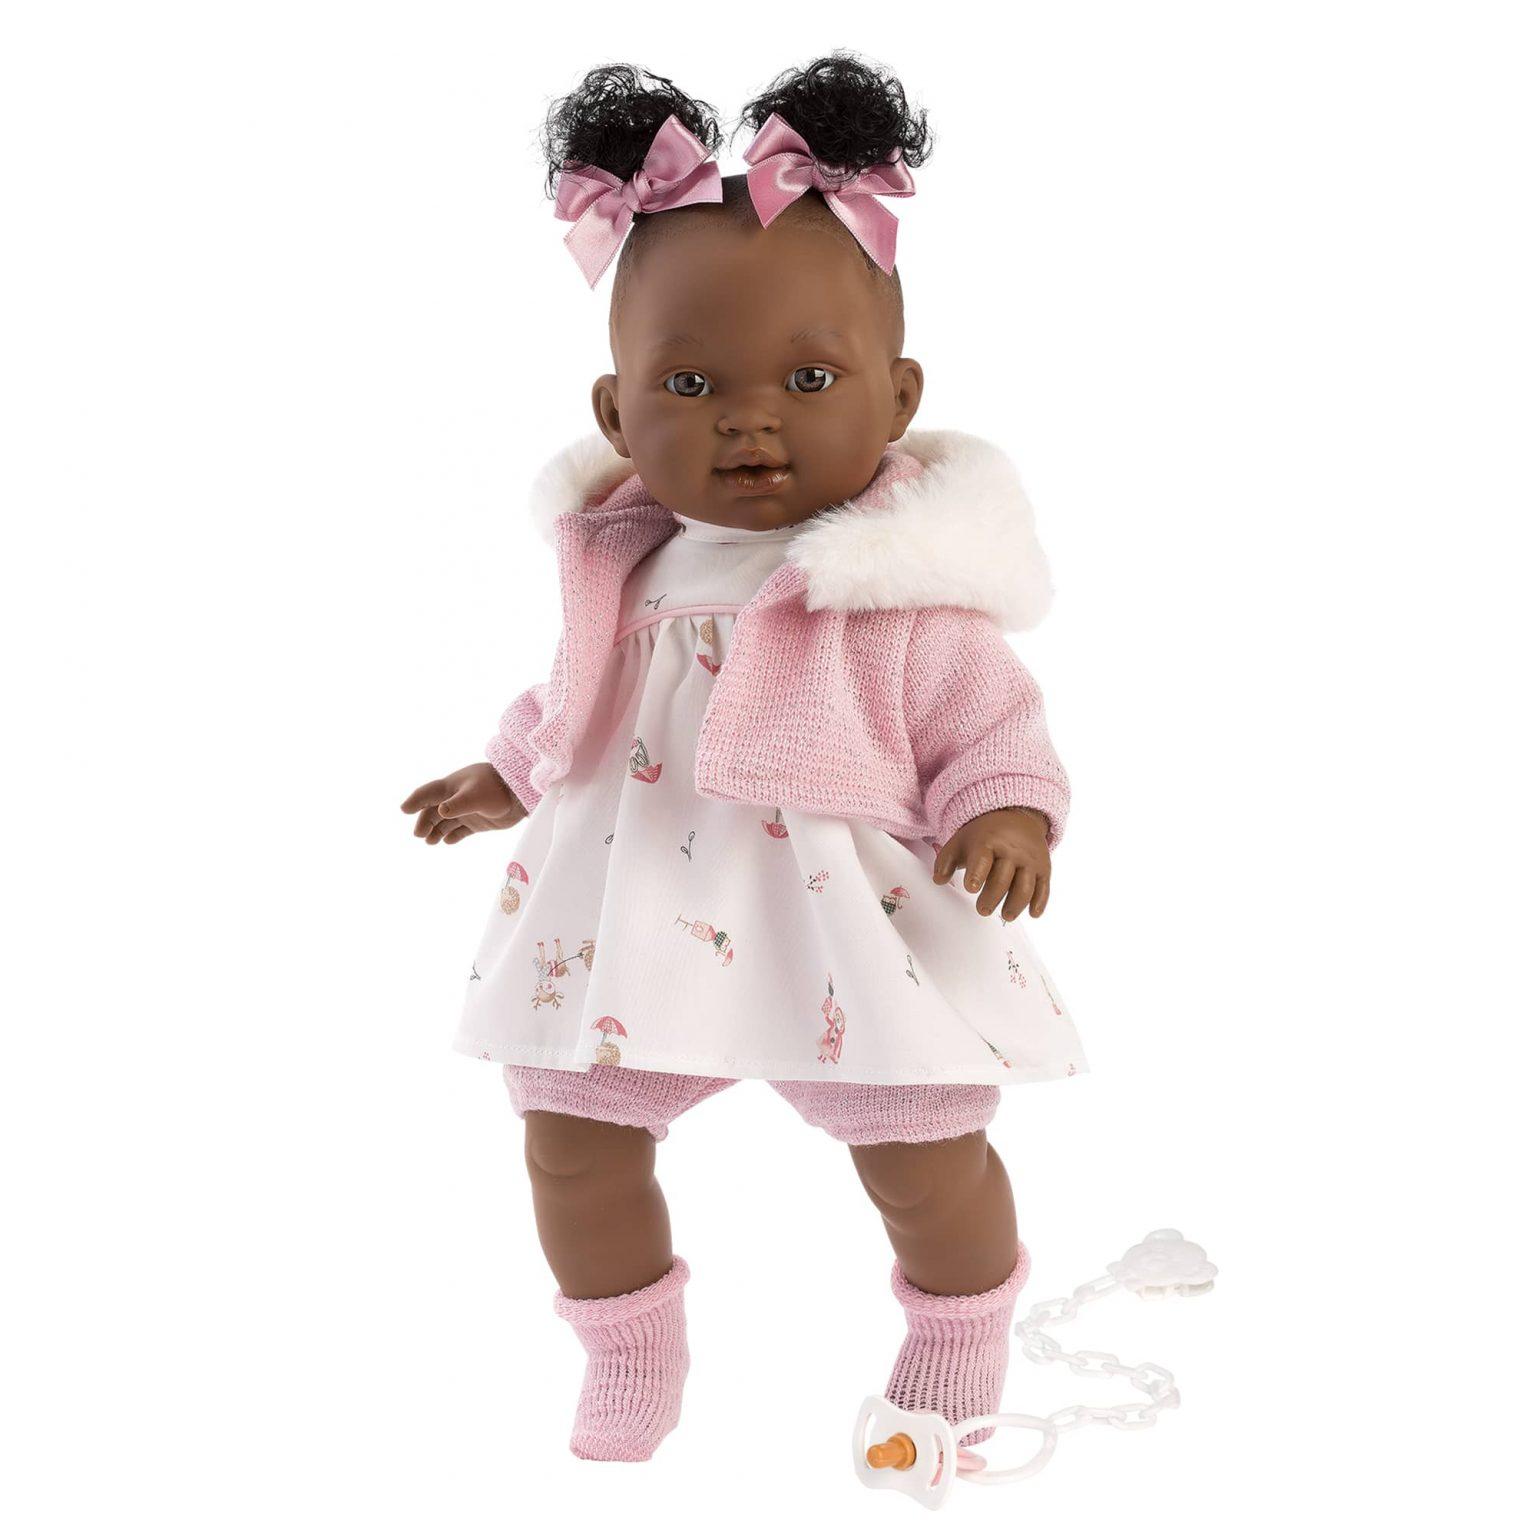 Ella Llorens Girl Play Doll Mary Shortle